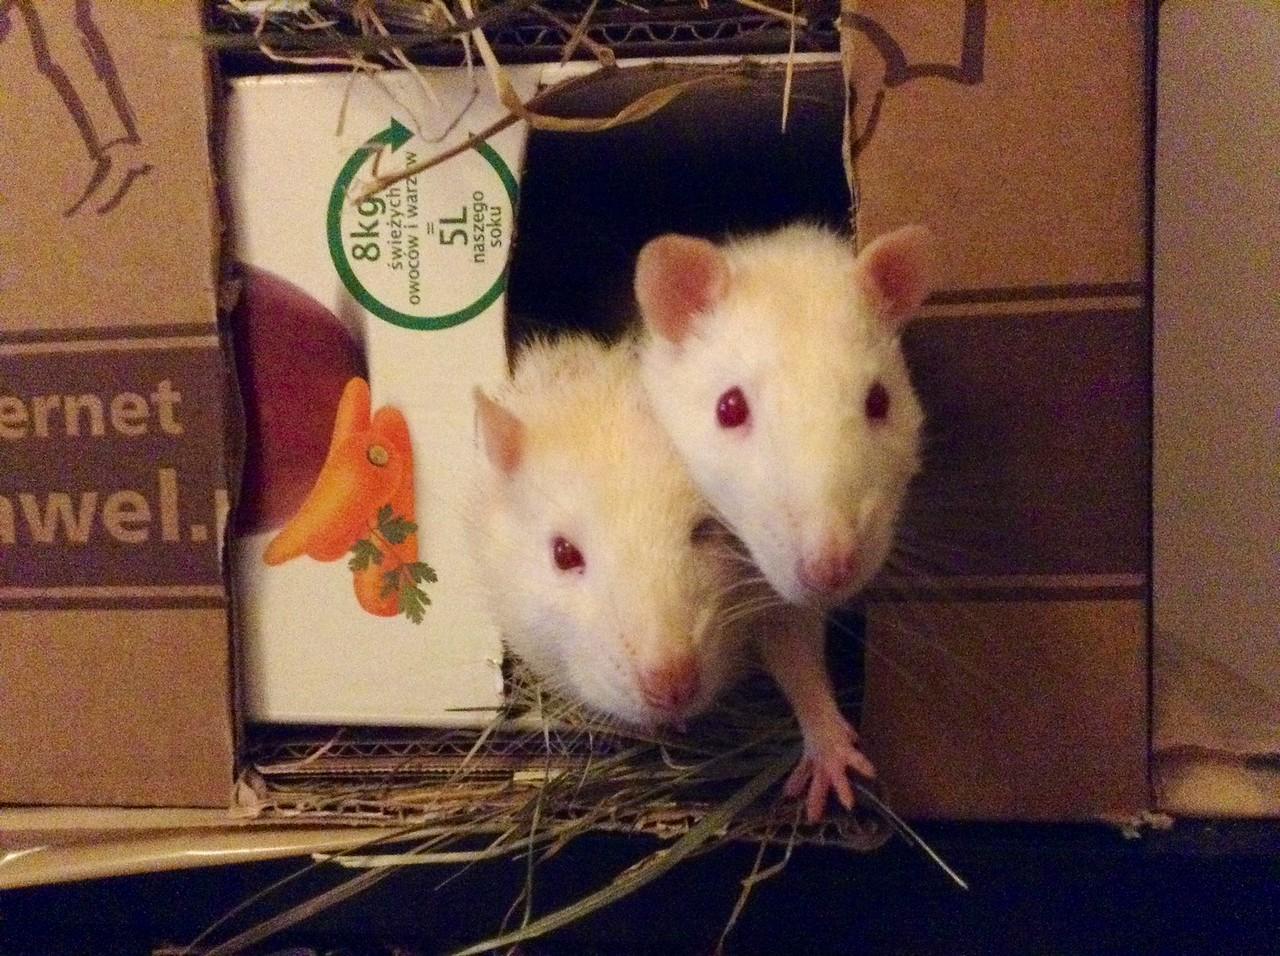 Gozno to ten bliżej marchewek, Jimmy zawsze żwawszy jak kalafior dziś :)